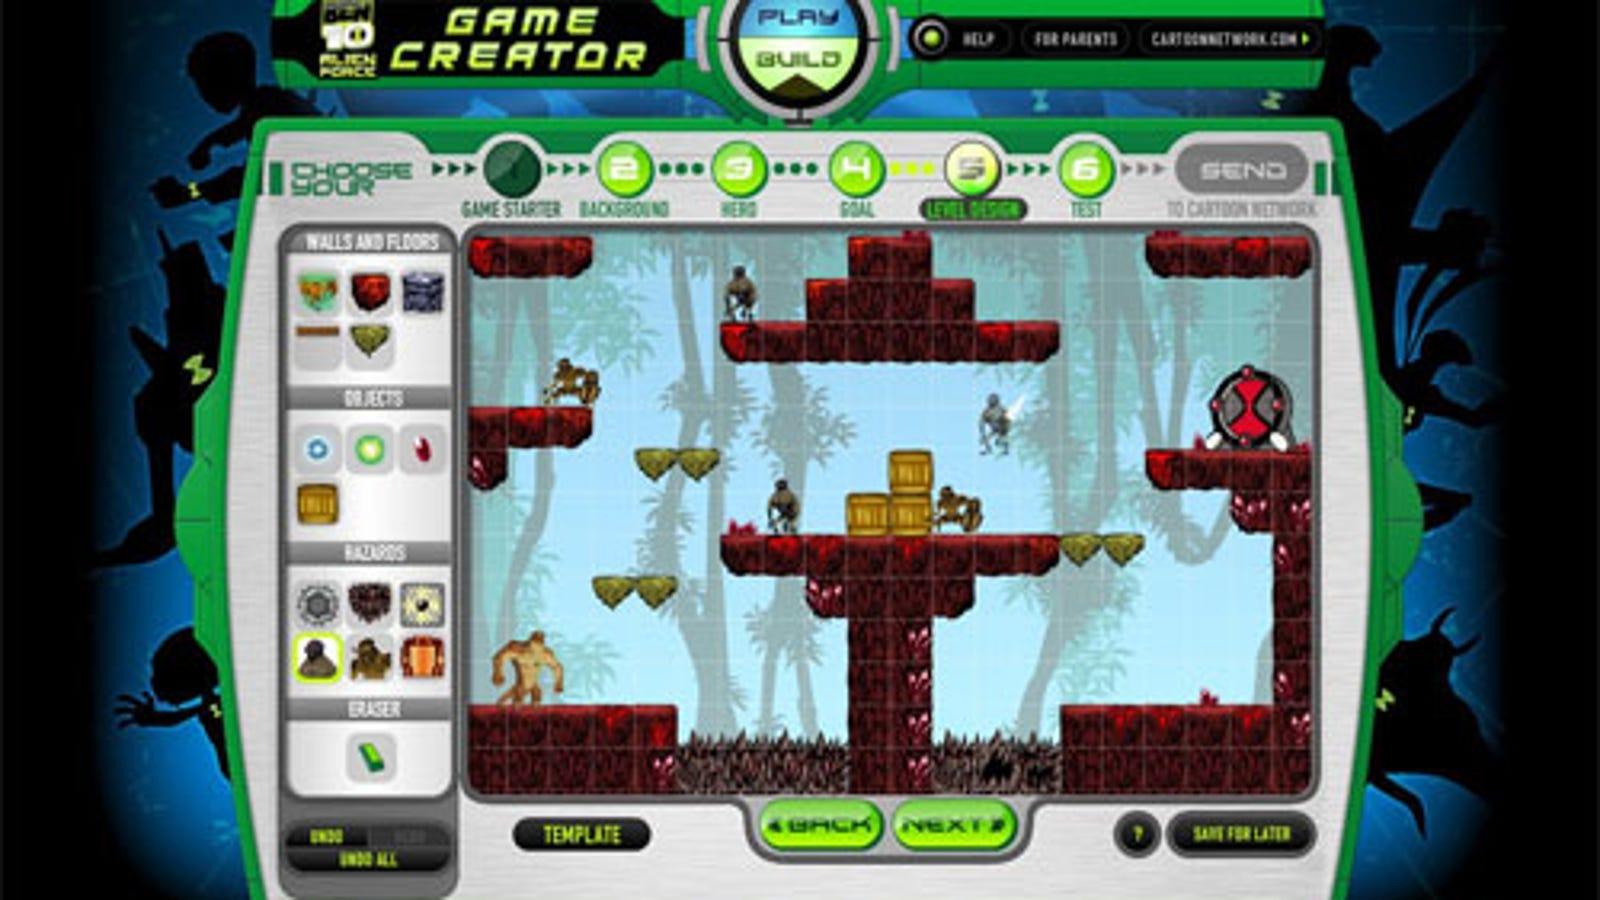 Ben 10 alien force game creator 2 cartoon network bombs games 2